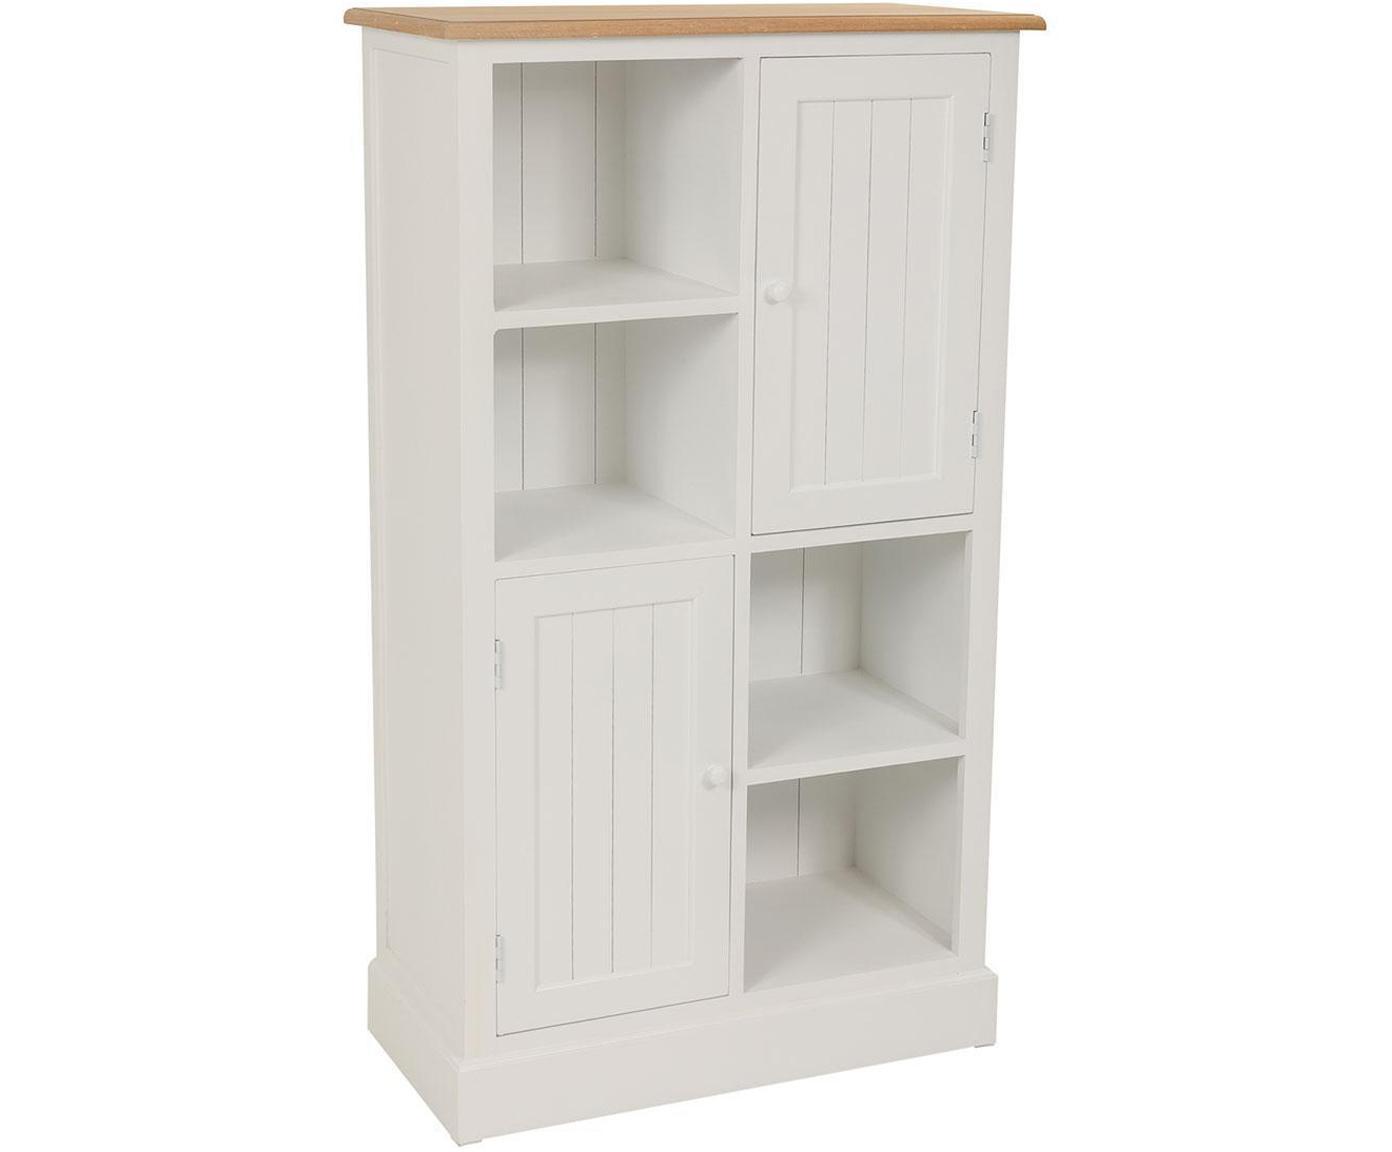 Estantería Noa, Madera de paulownia, Blanco, beige, An 74 x Al 131 cm